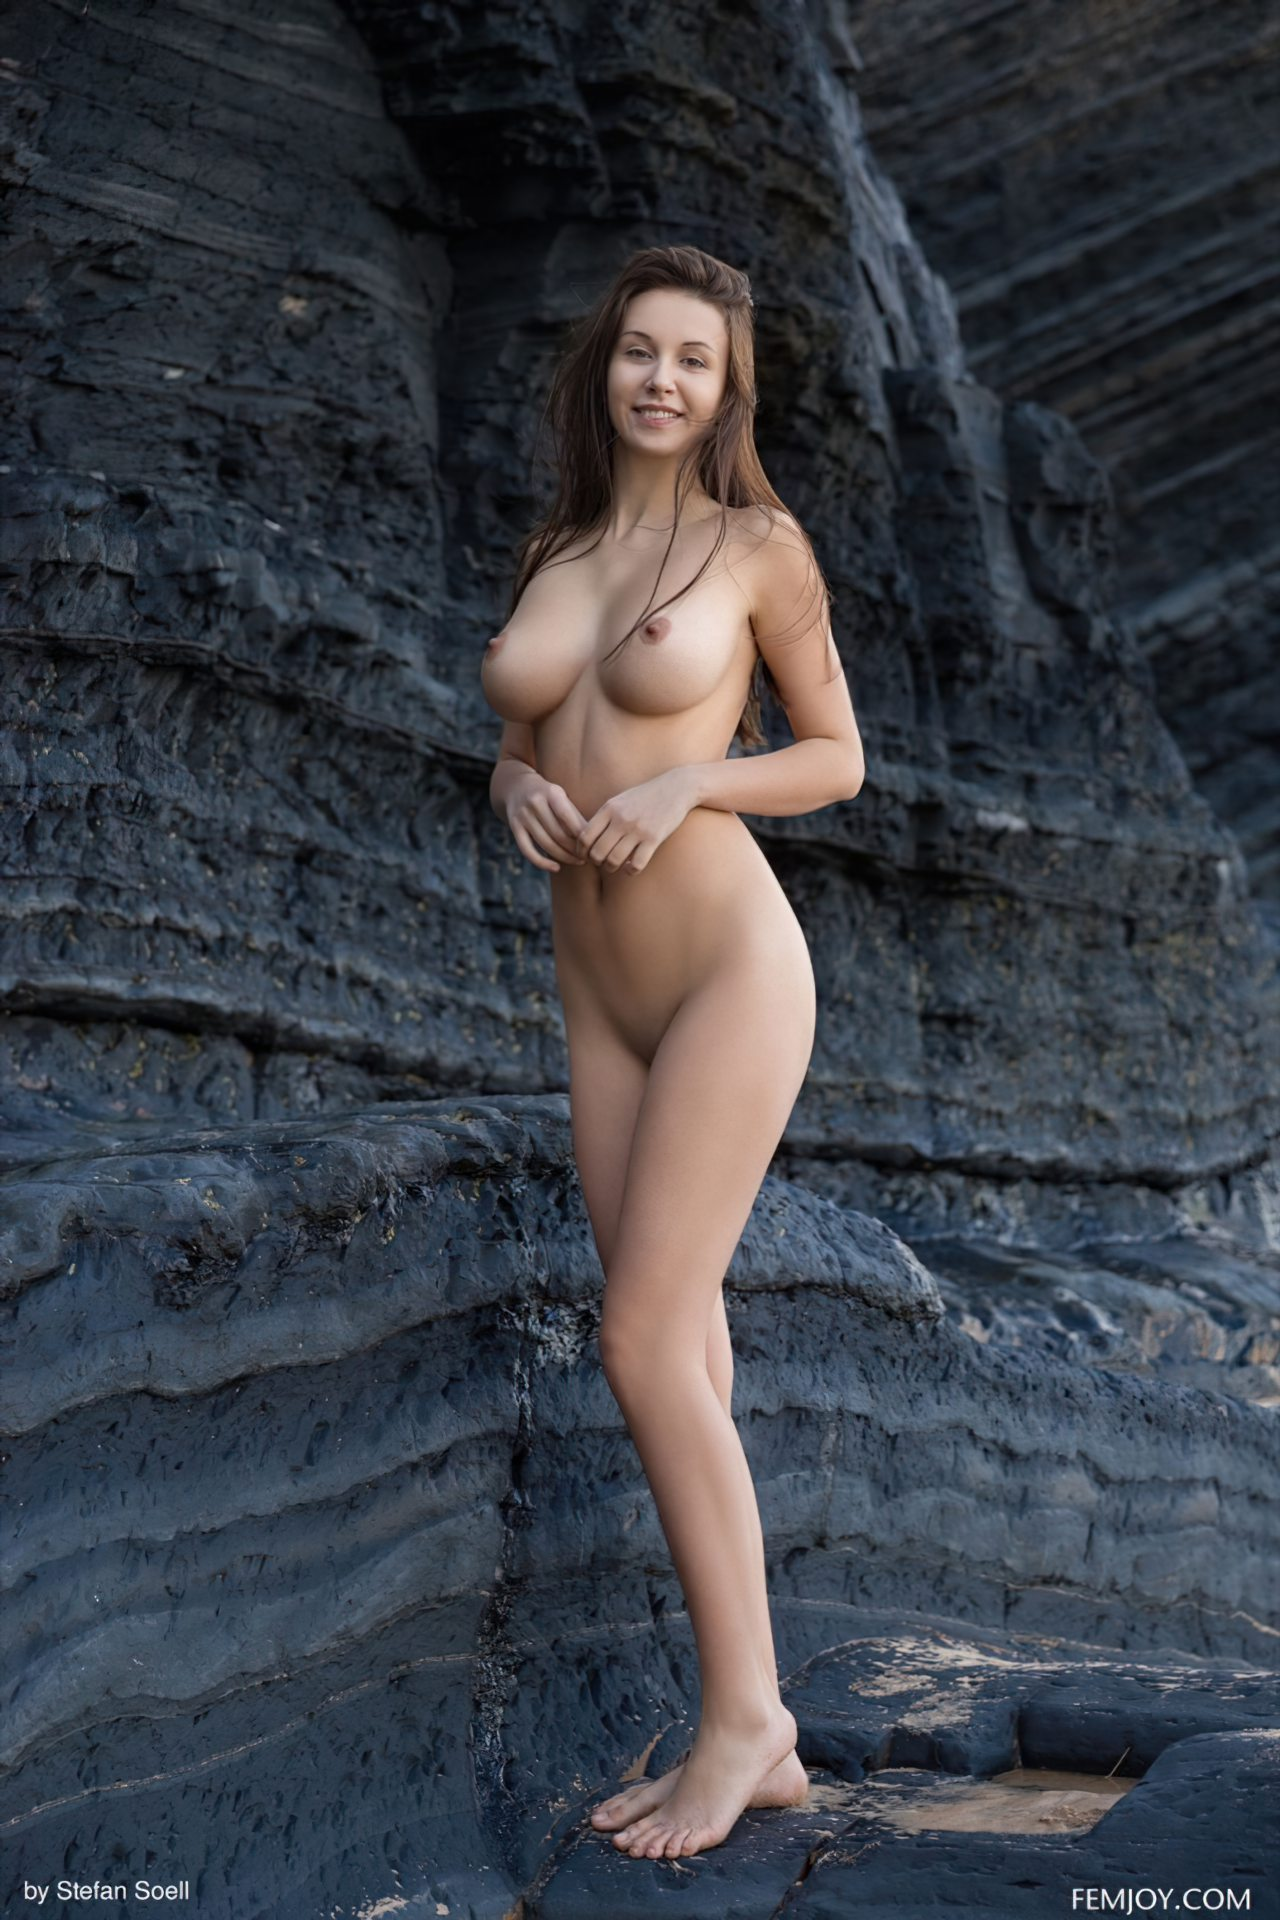 Mulher Gostosa Nua no Meio da Rocha (3)